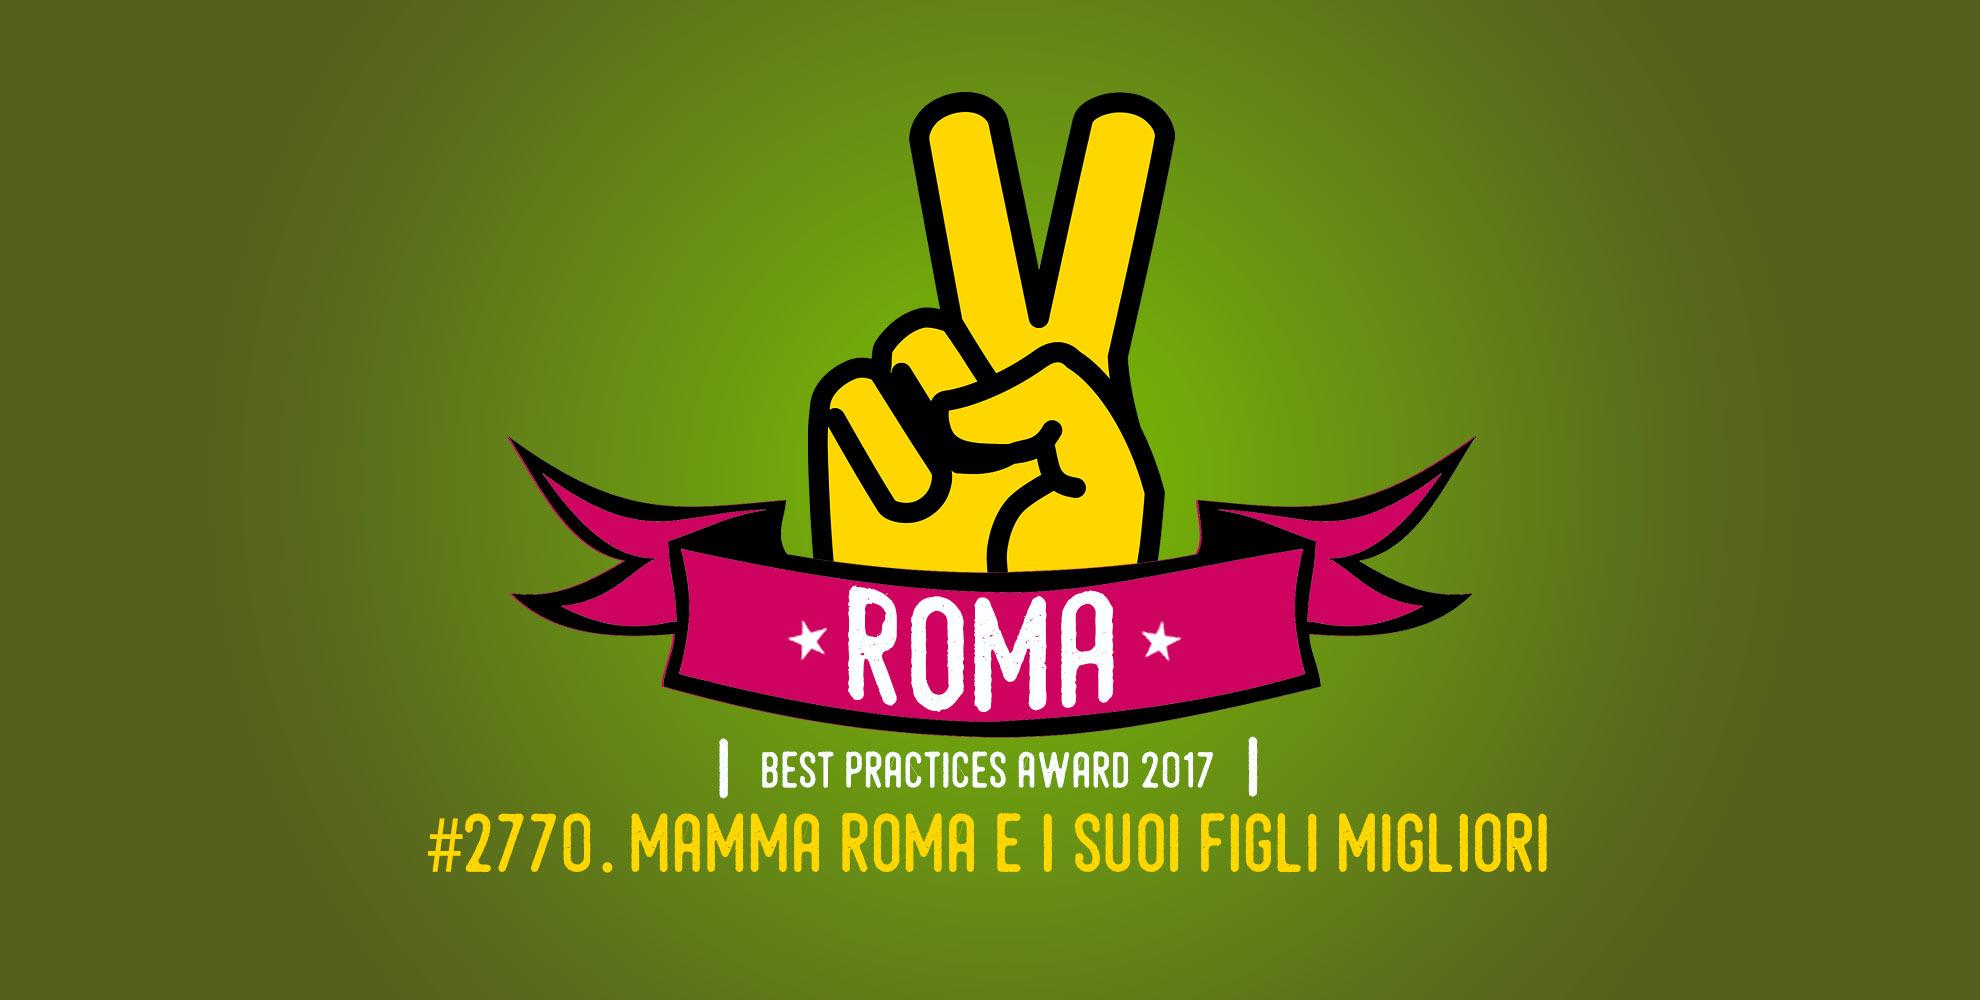 #romabpa2017